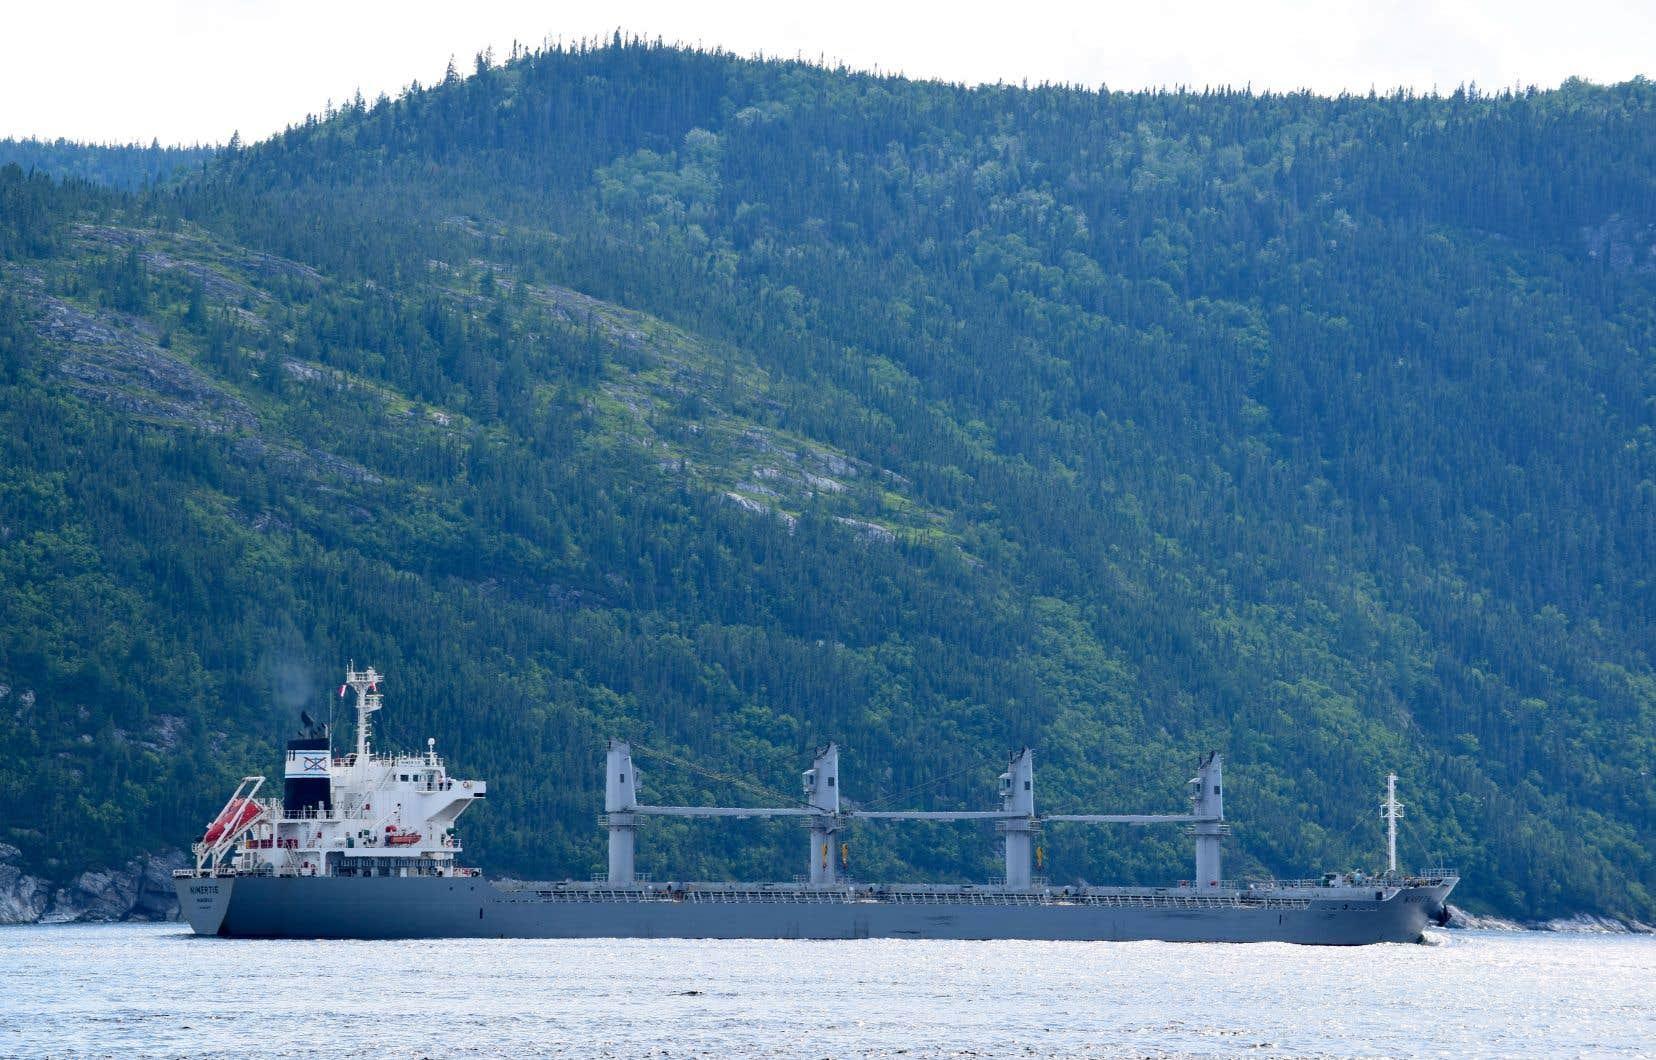 Selon les données mises en avant par GNL Québec, les émissions de gaz à effet de serre à compenser chaque annéeatteindront 421000 tonnes pour le projet Énergie Saguenay.